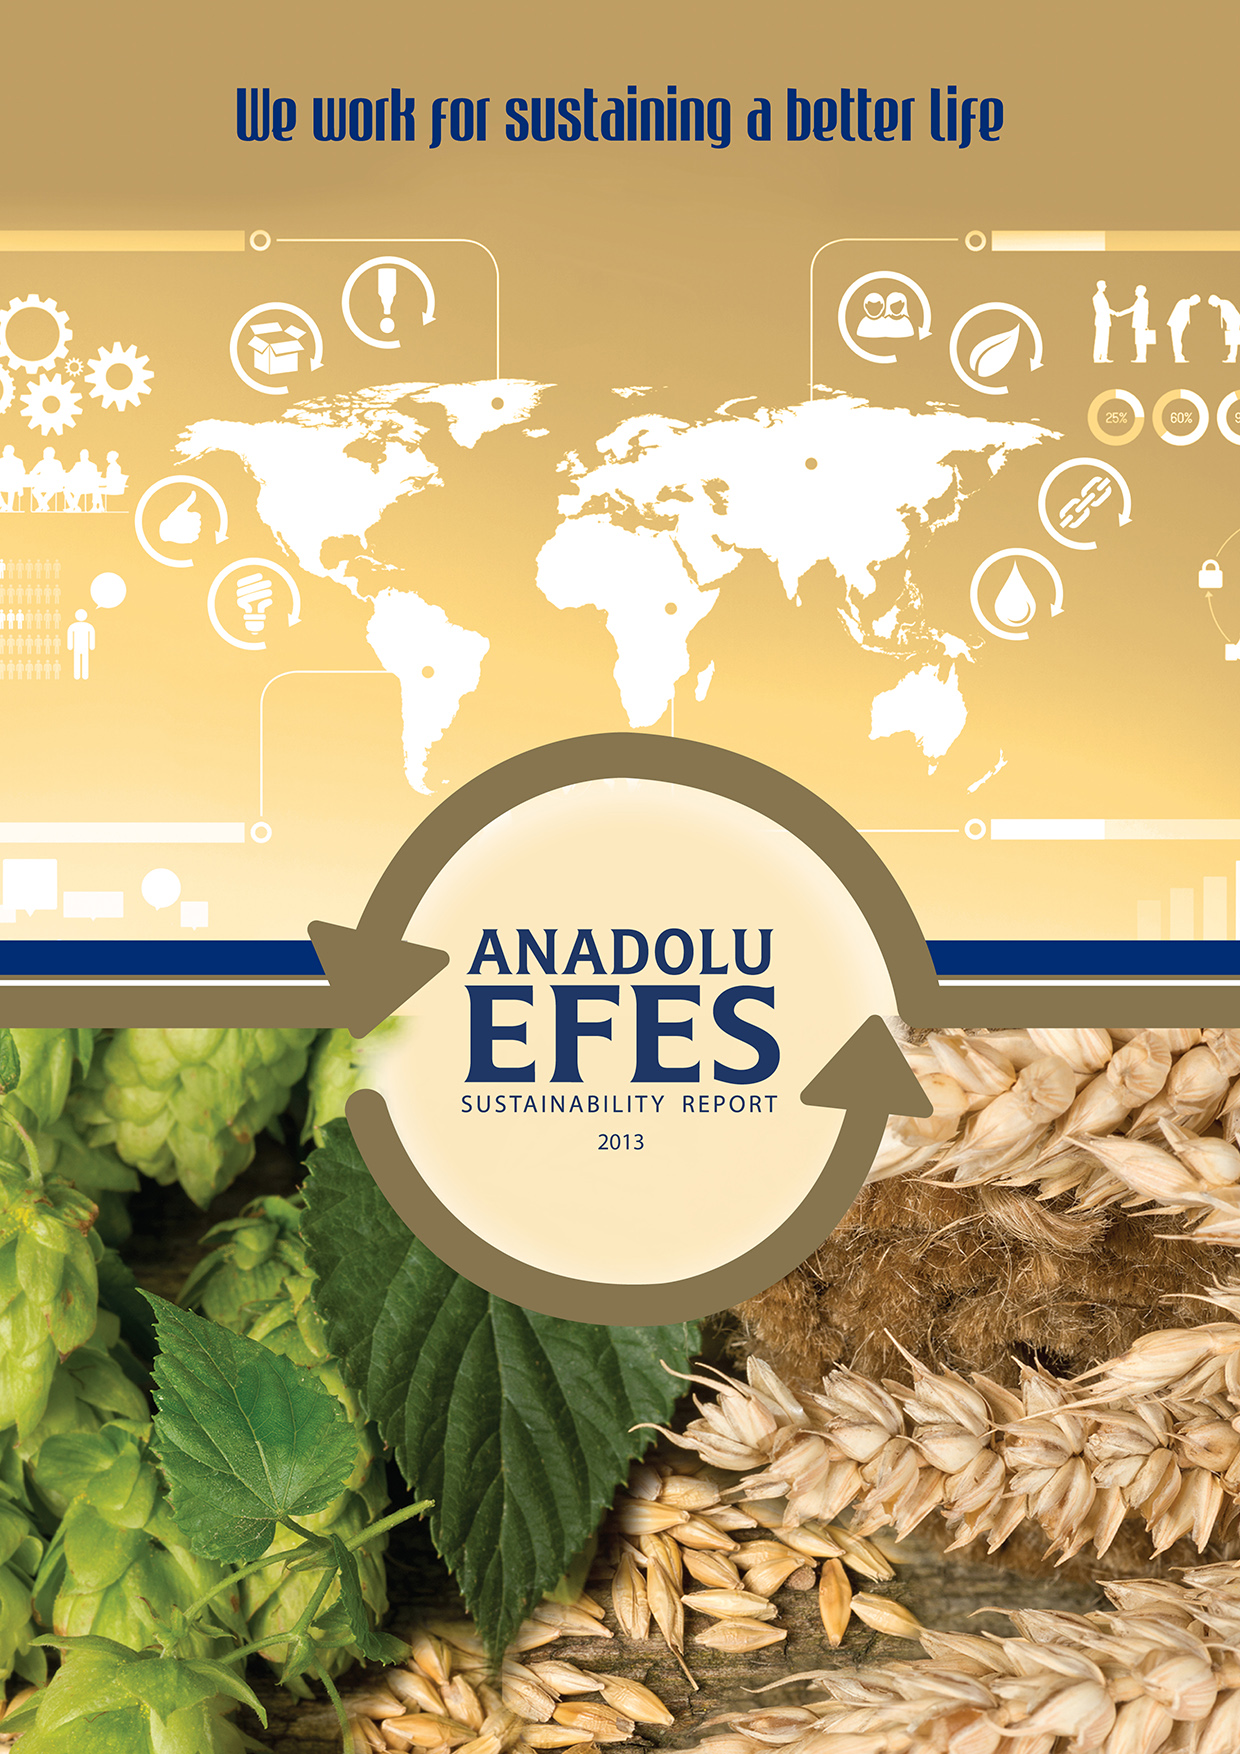 Фото: Отчёт по устойчивому развитию от группы «Efes».